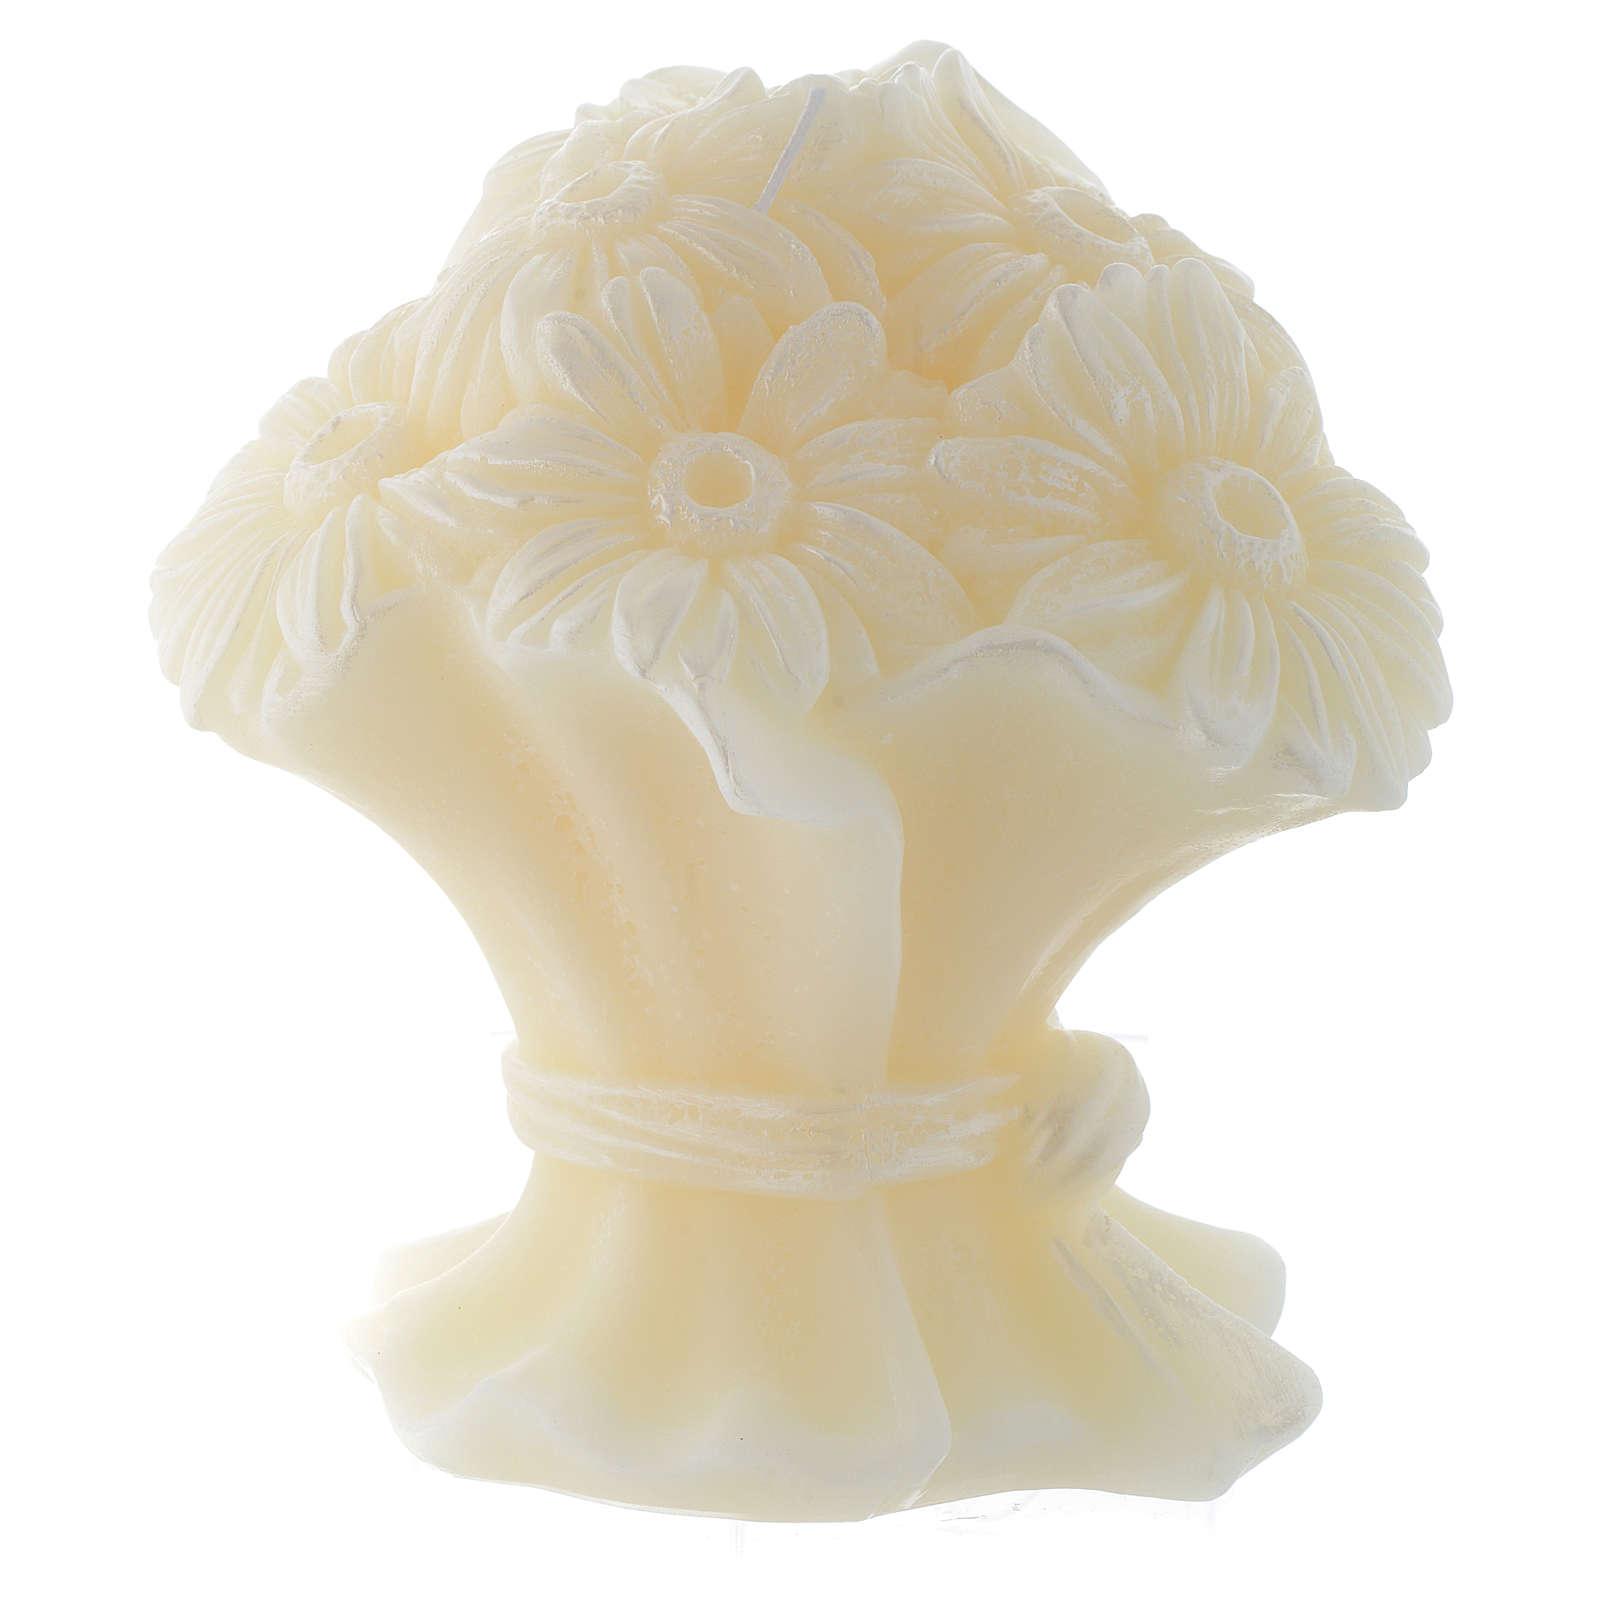 Bougie bouquet Stylnove 3